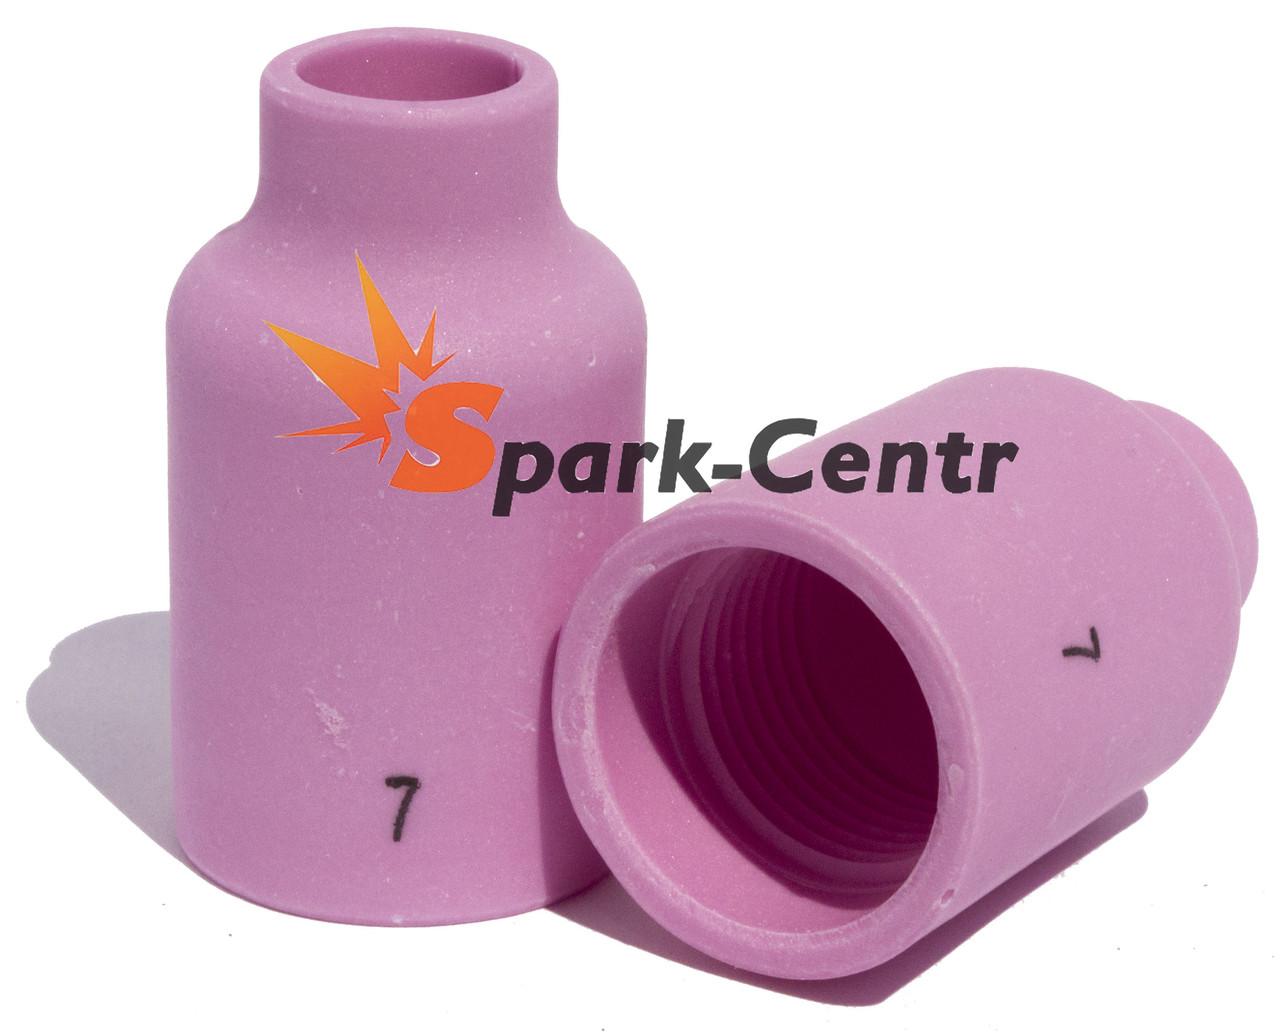 Сопло газовое №7 стандартное для газовой линзы 40 мм, Ø11 мм серия 54N15 для горелки WP-17/18/26